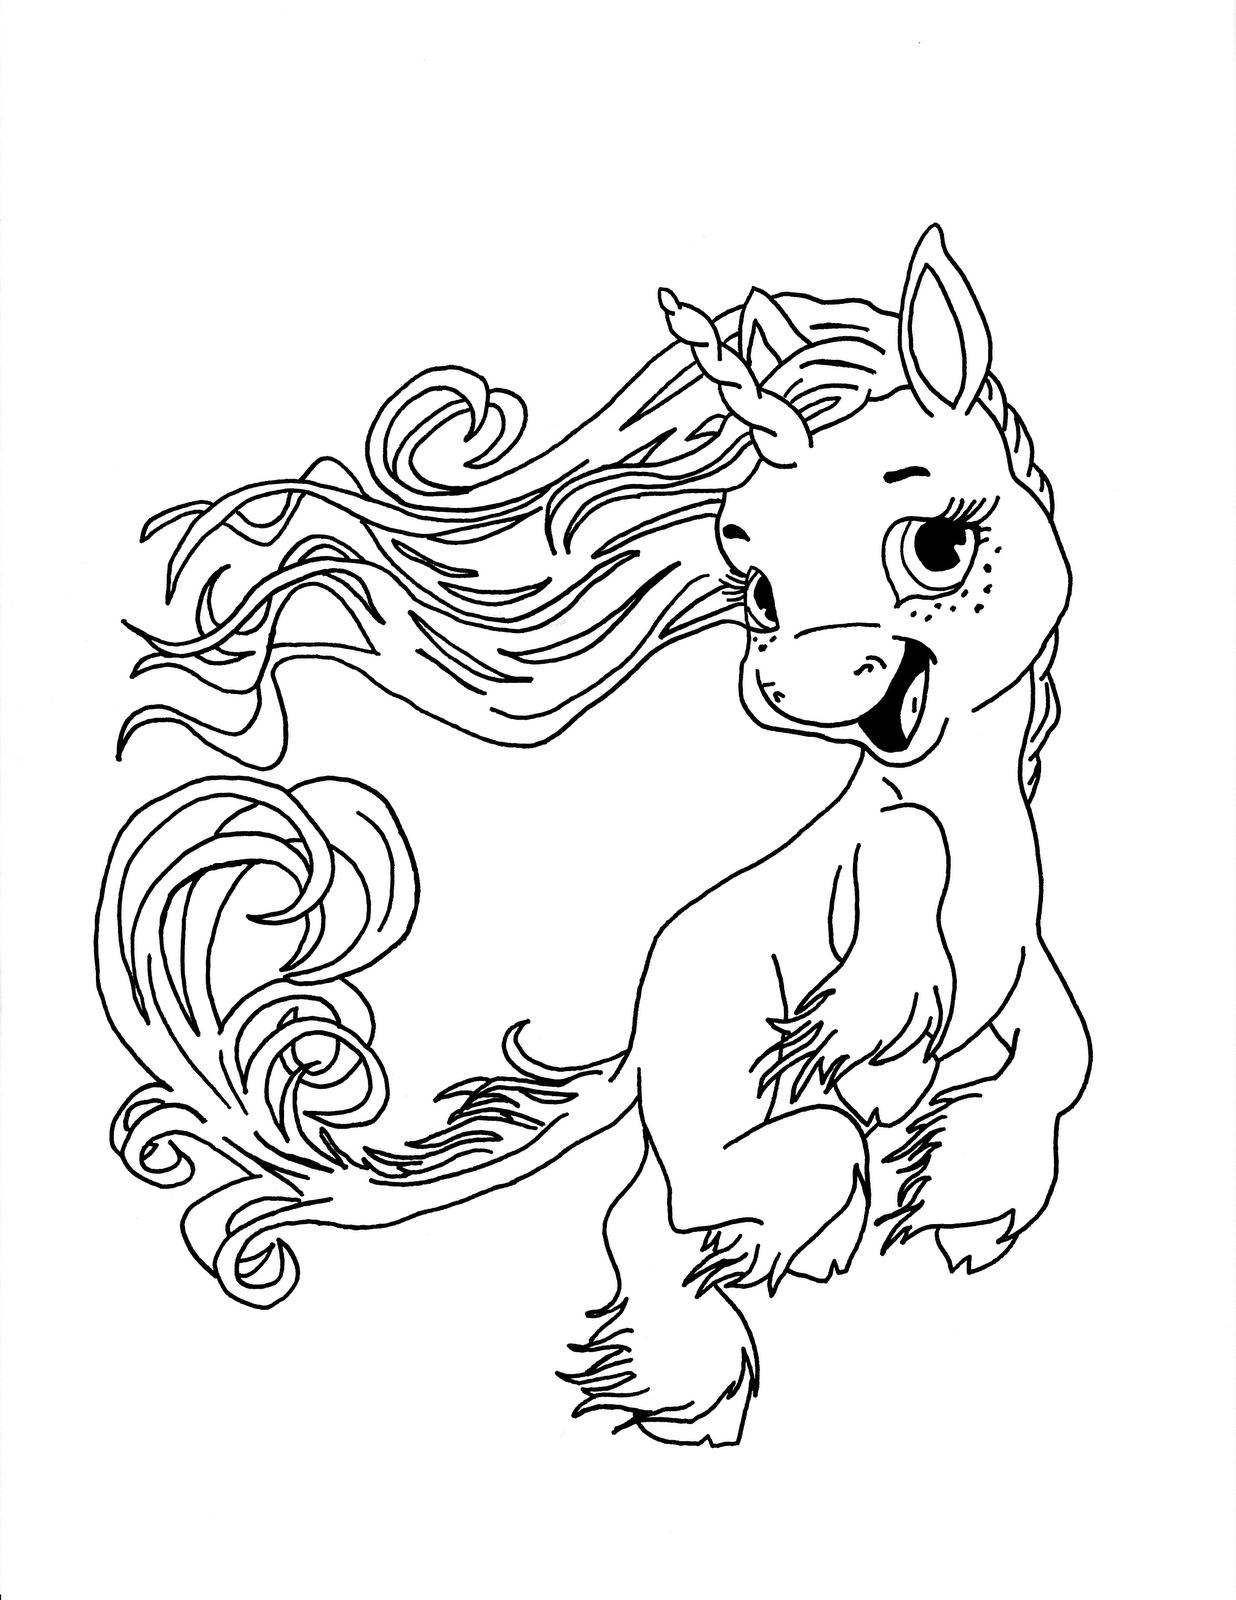 Unicorn Color Pages For Children Unicorn Coloring Pages Horse Coloring Pages Unicorn Pictures To Color